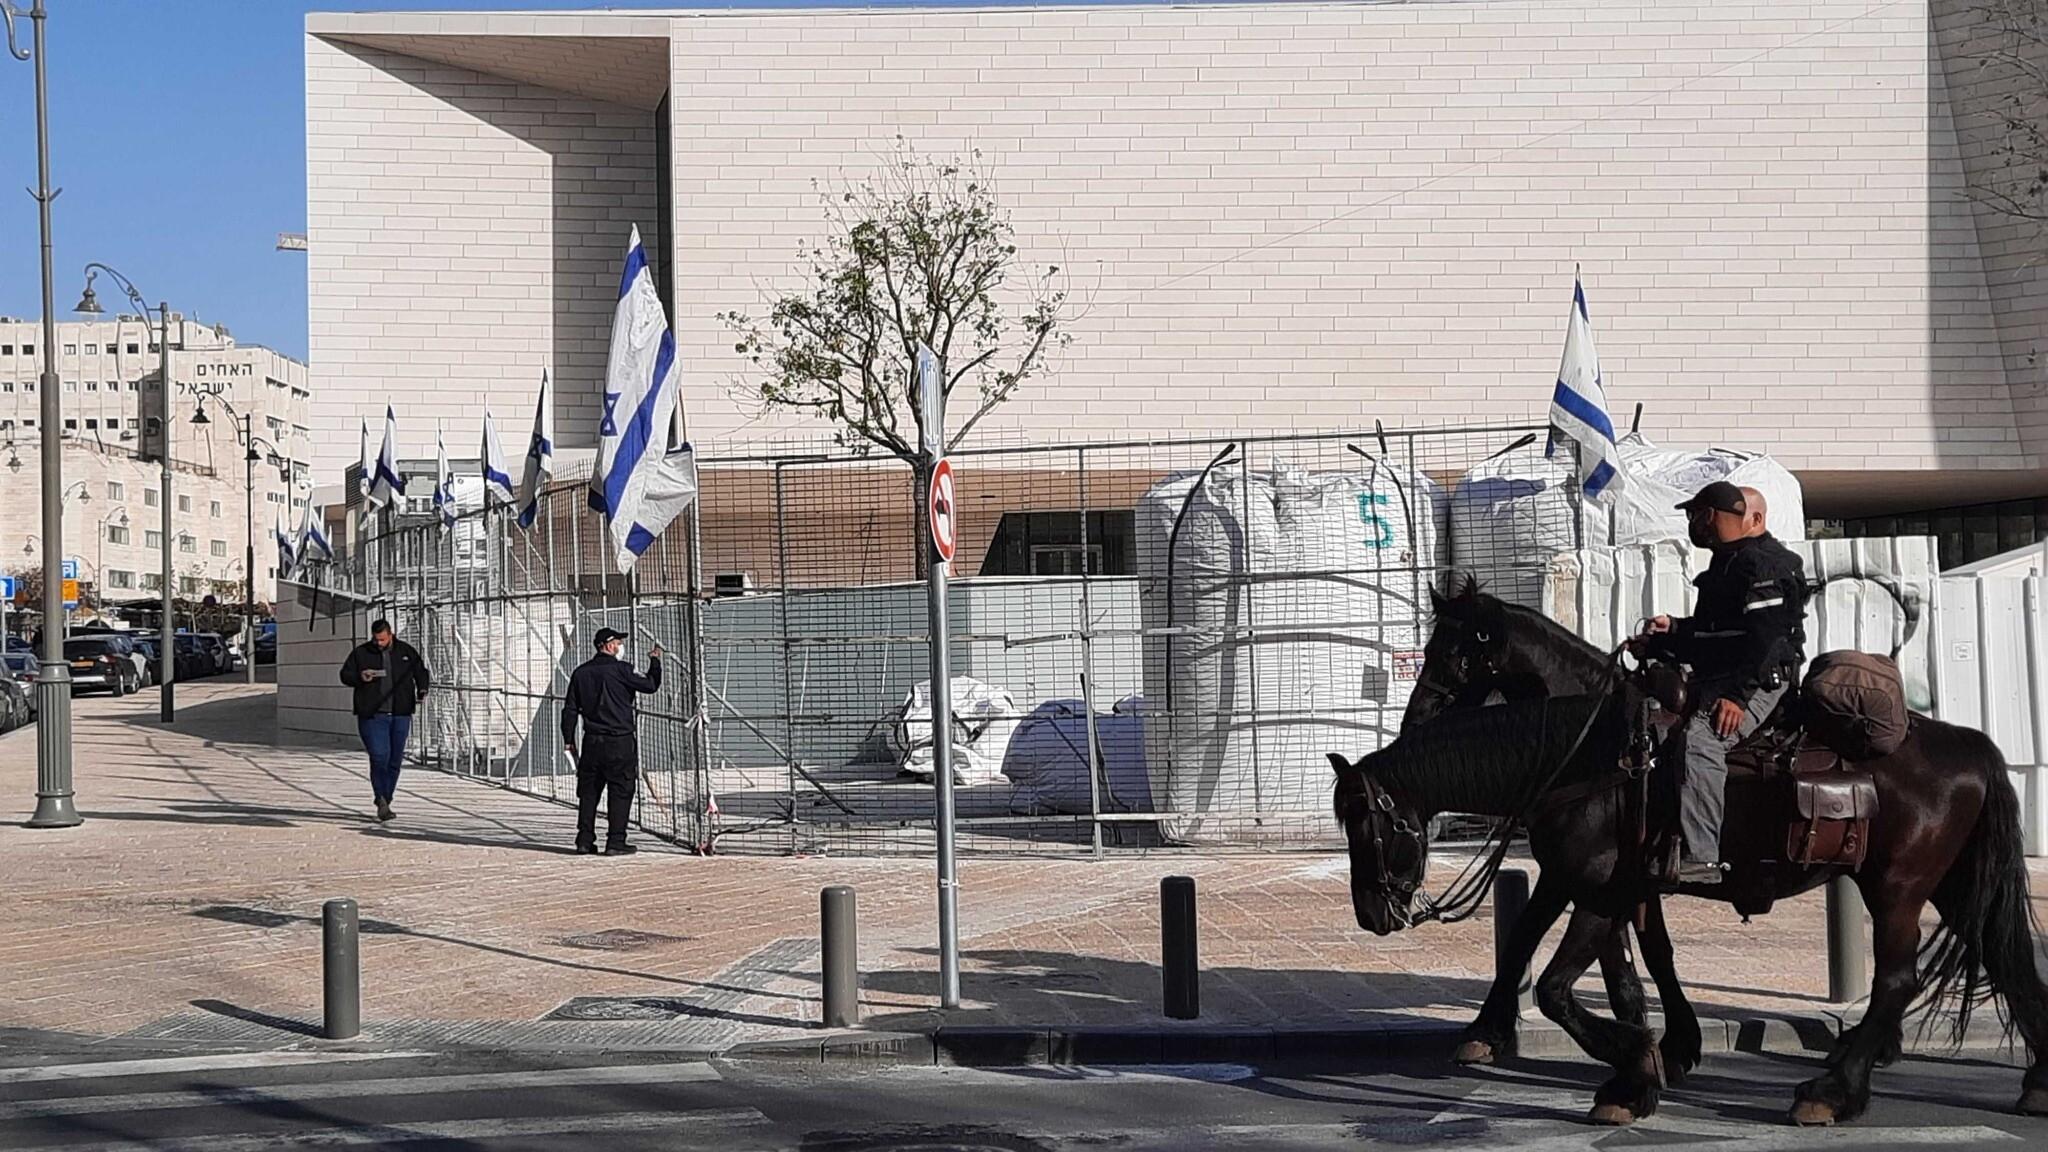 Des policiers à cheval passent devant le Musée de la Tolérance à Jérusalem, le 5 avril 2021. (Joshua Davidovich/Times of Israel)